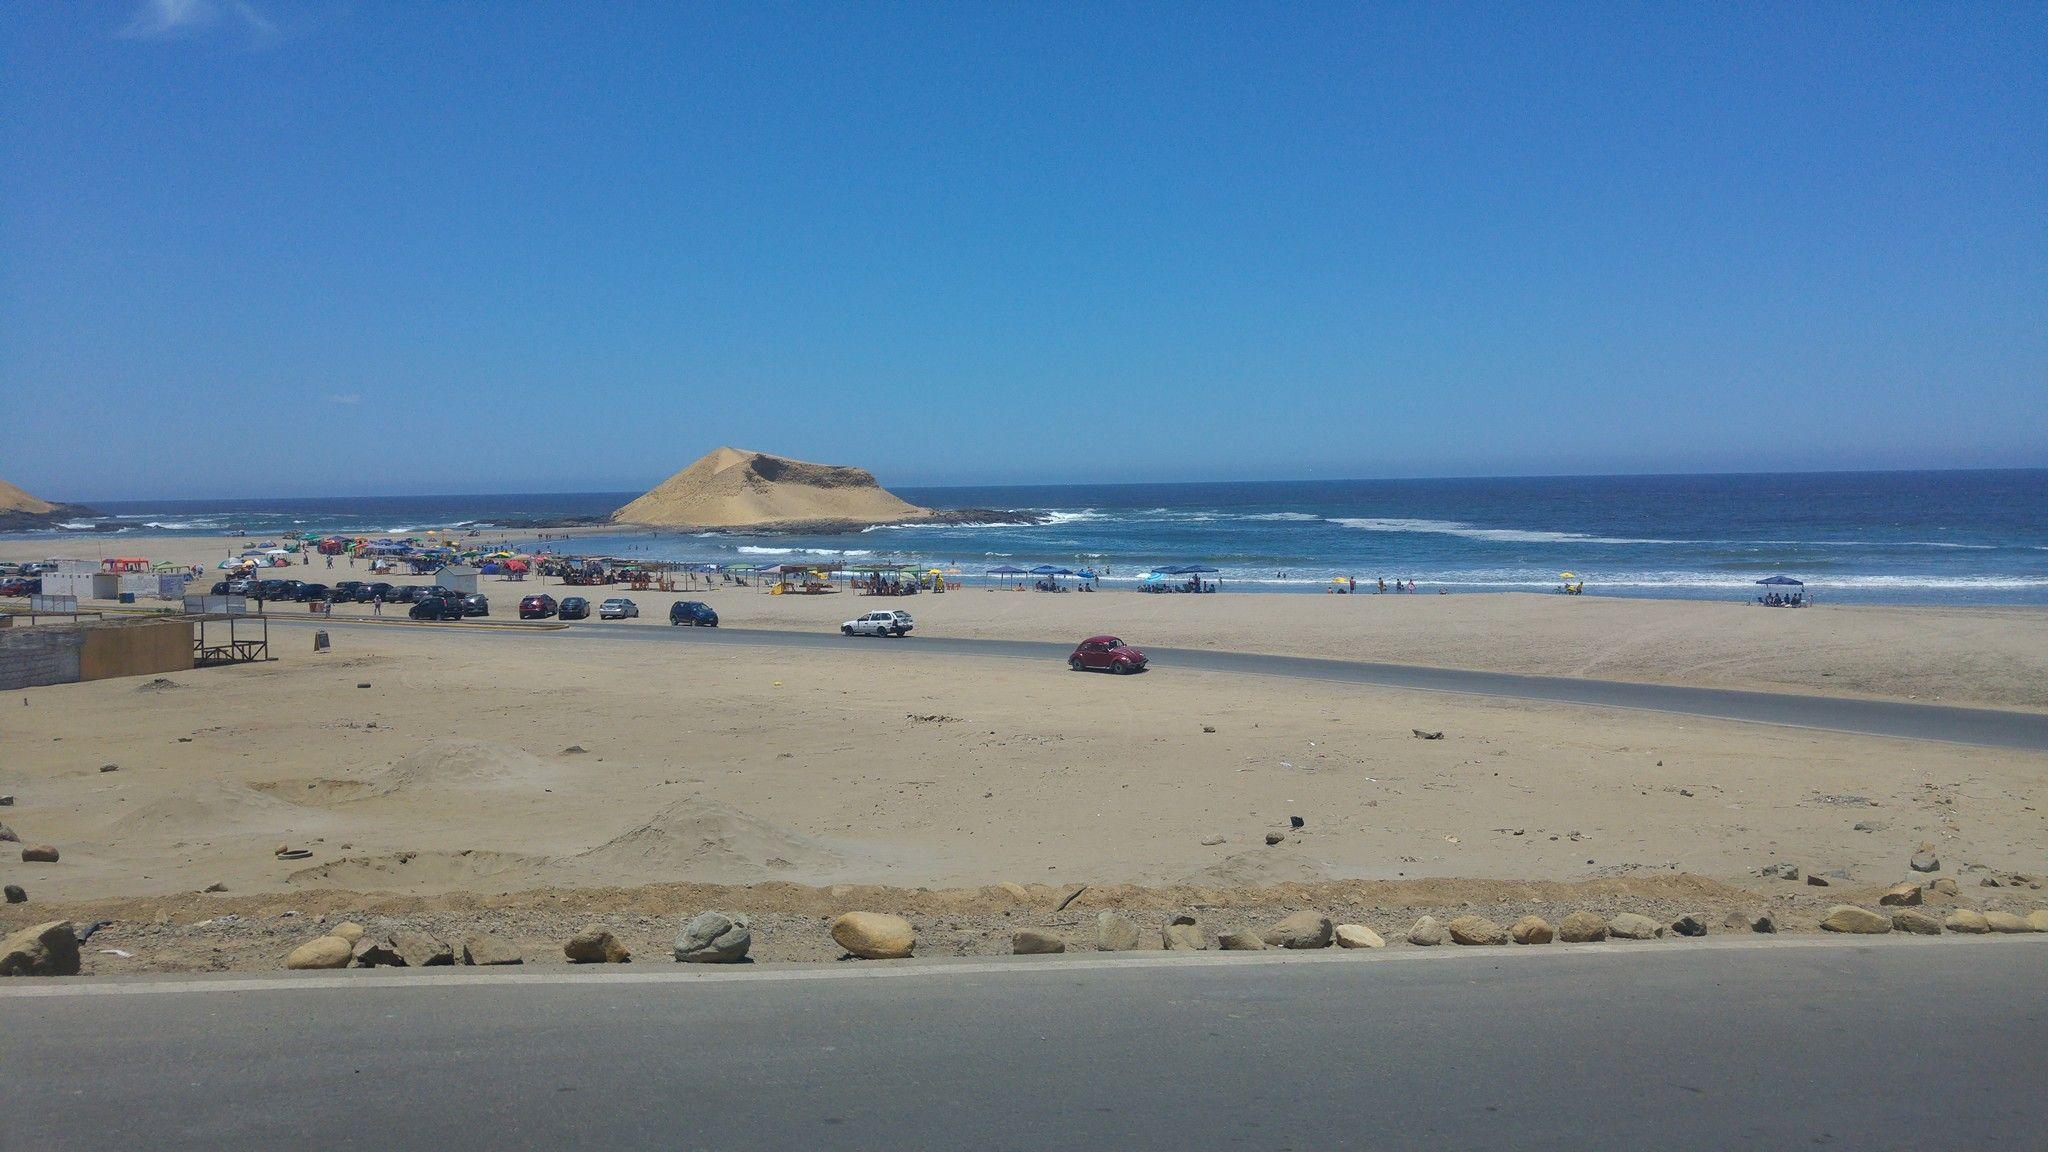 Playa La Isla Barranca Peru Beach Outdoor Country